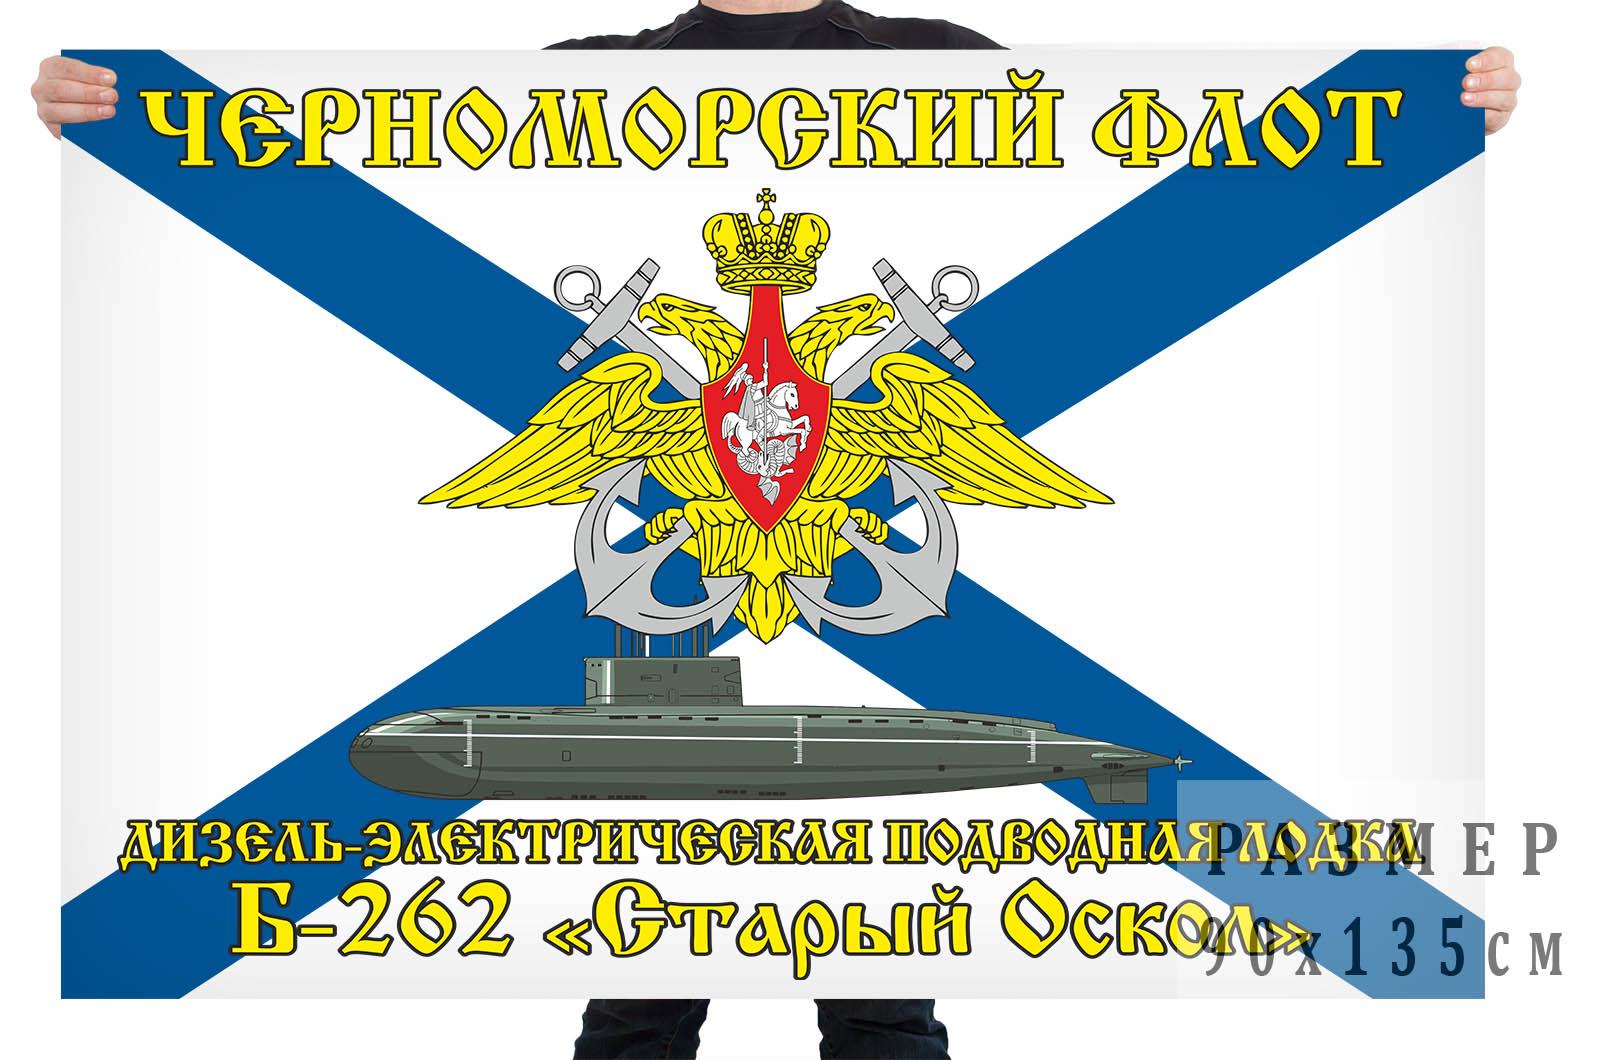 """Флаг дизель-электрической подводной лодки Б-262 """"Старый Оскол"""""""